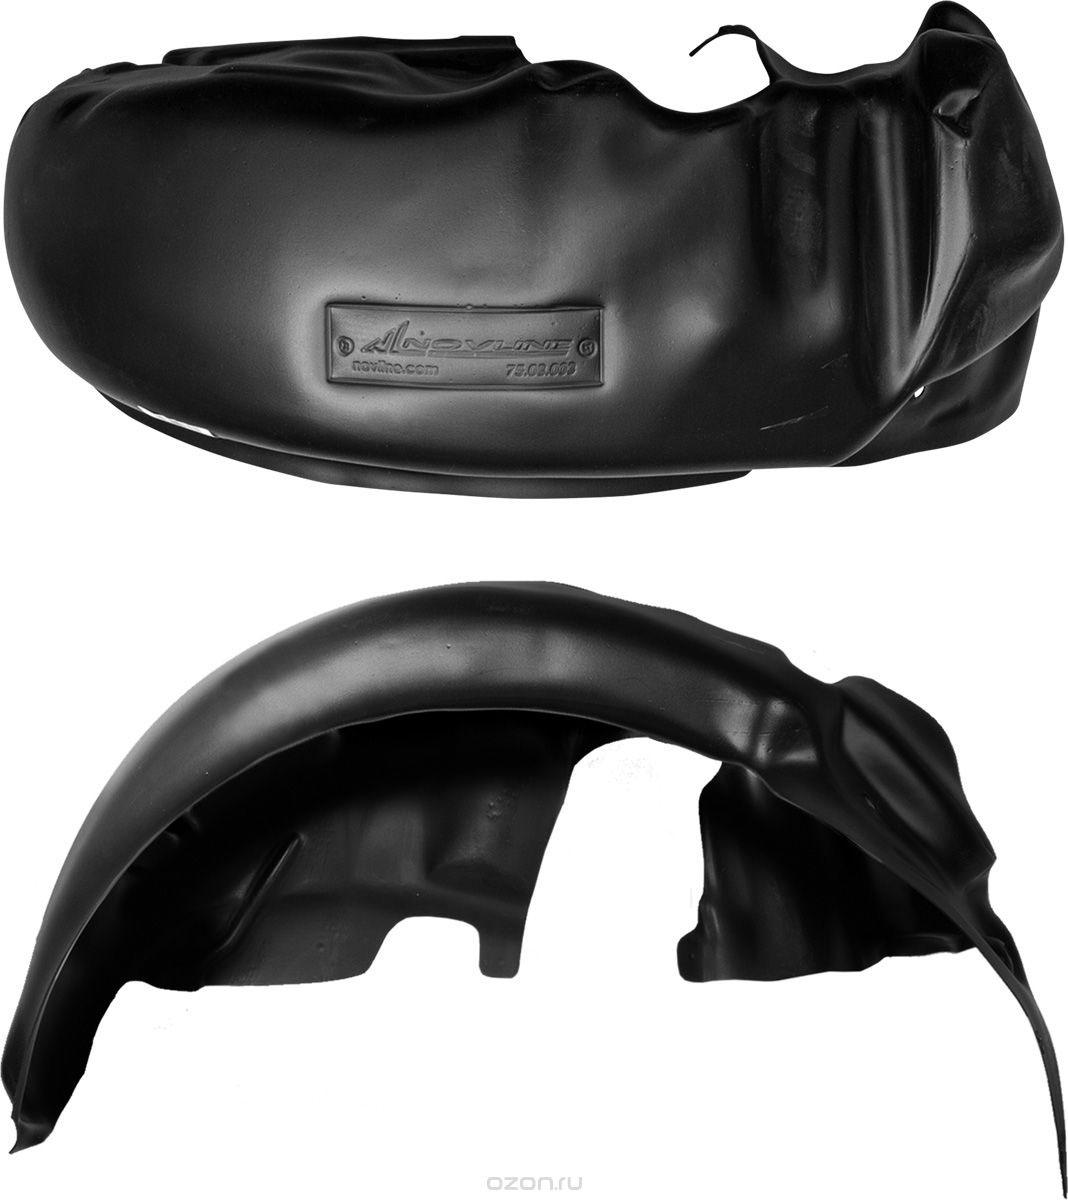 Подкрылок Novline-Autofamily, для FIAT FullBack, 2016->, передний левыйSATURN CANCARDИдеальная защита колесной ниши. Локеры разработаны с применением цифровых технологий, гарантируют максимальную повторяемость поверхности арки. Изделия устанавливаются без нарушения лакокрасочного покрытия автомобиля, каждый подкрылок комплектуется крепежом. Уважаемые клиенты, обращаем ваше внимание, что фотографии на подкрылки универсальные и не отражают реальную форму изделия. При этом само изделие идет точно под размер указанного автомобиля.